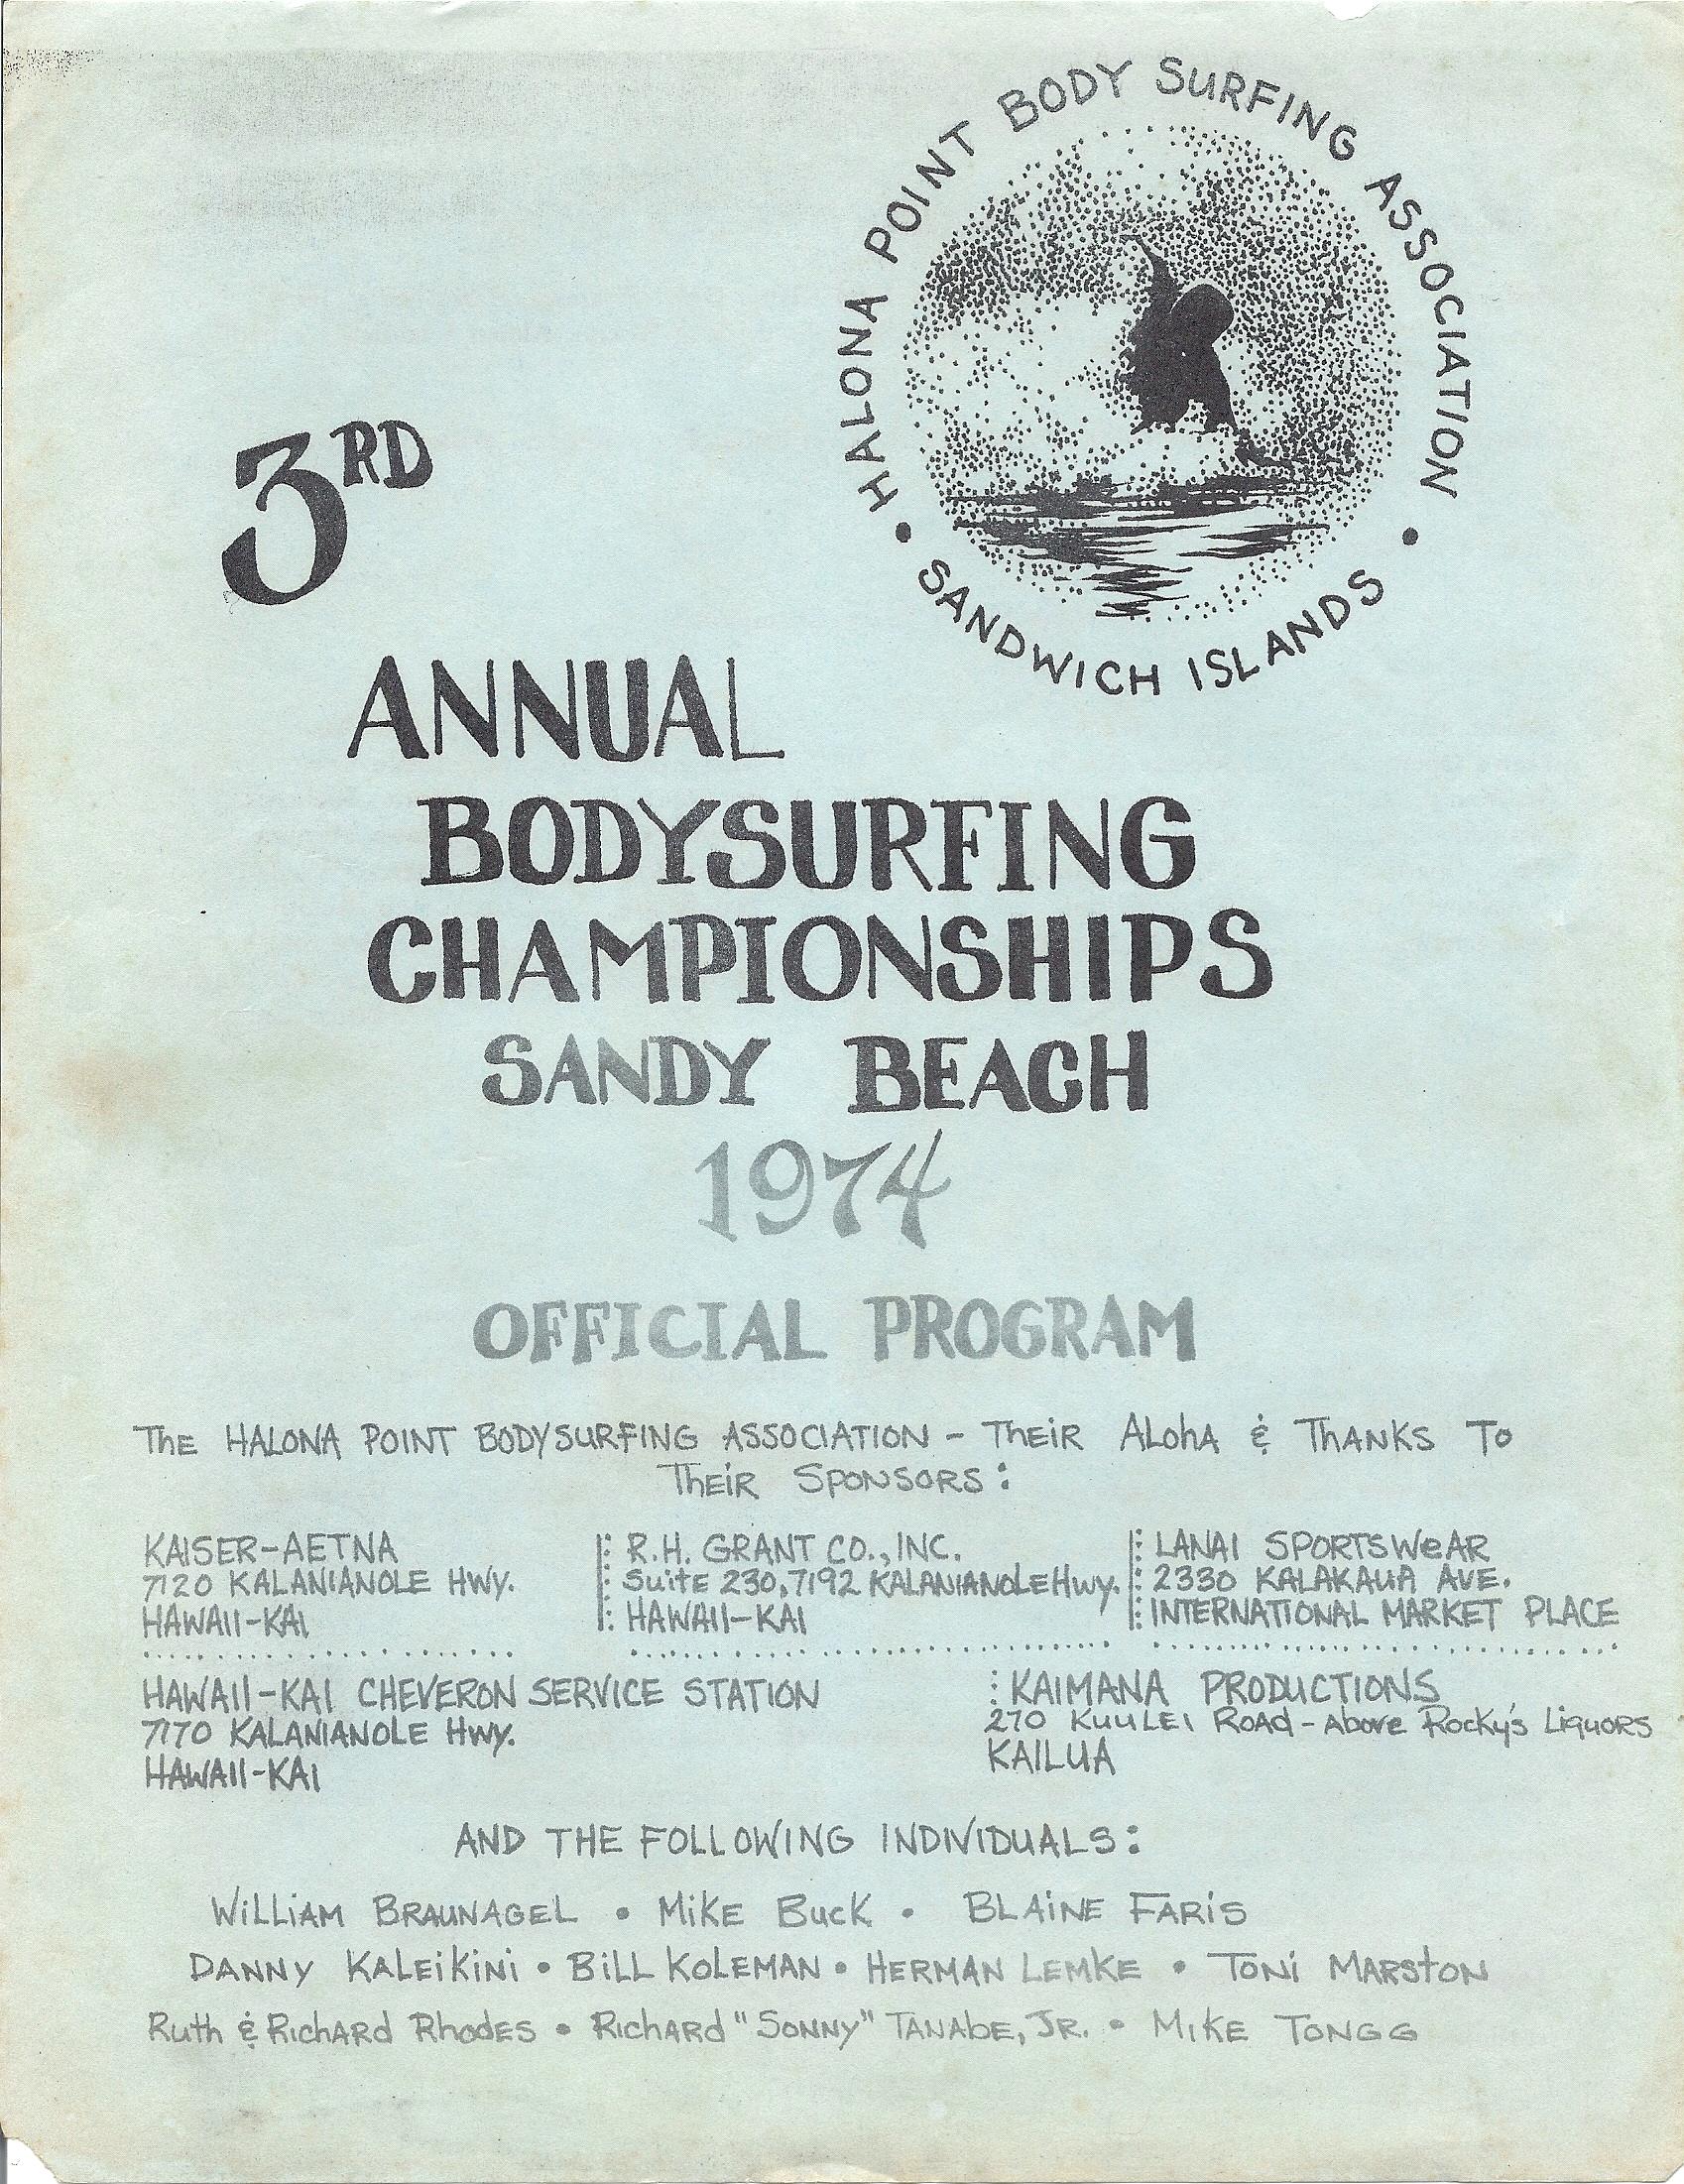 1974 Sandy Beach Bodysurfing Championships Program